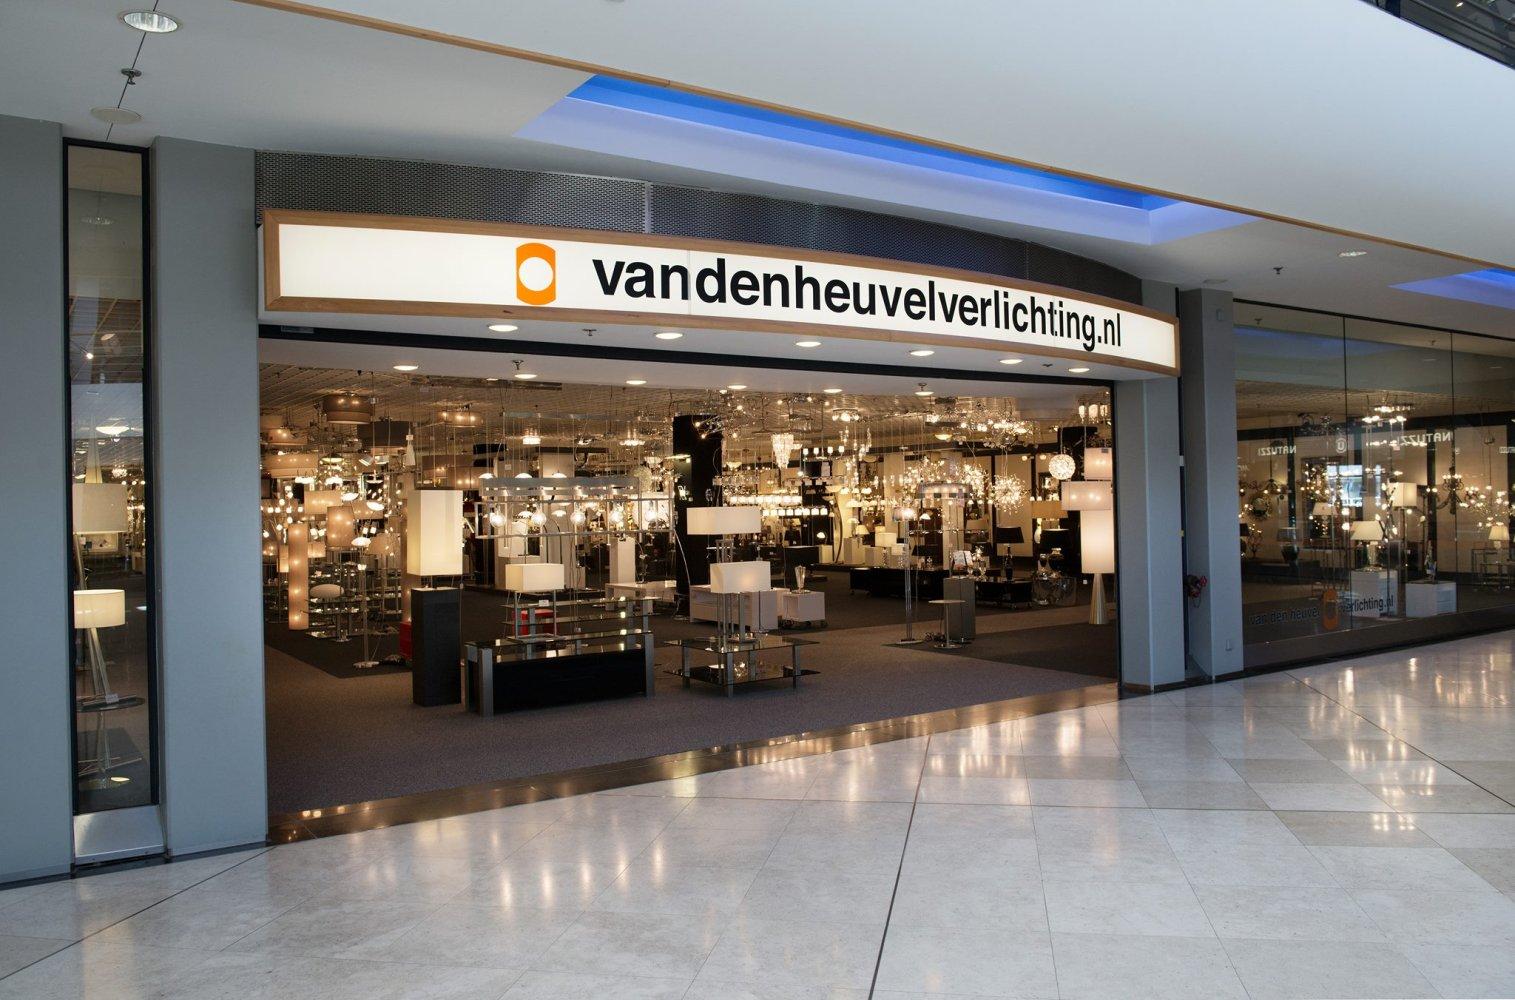 Verlichting Winkel Rotterdam. Simple Rotterdam With Verlichting ...